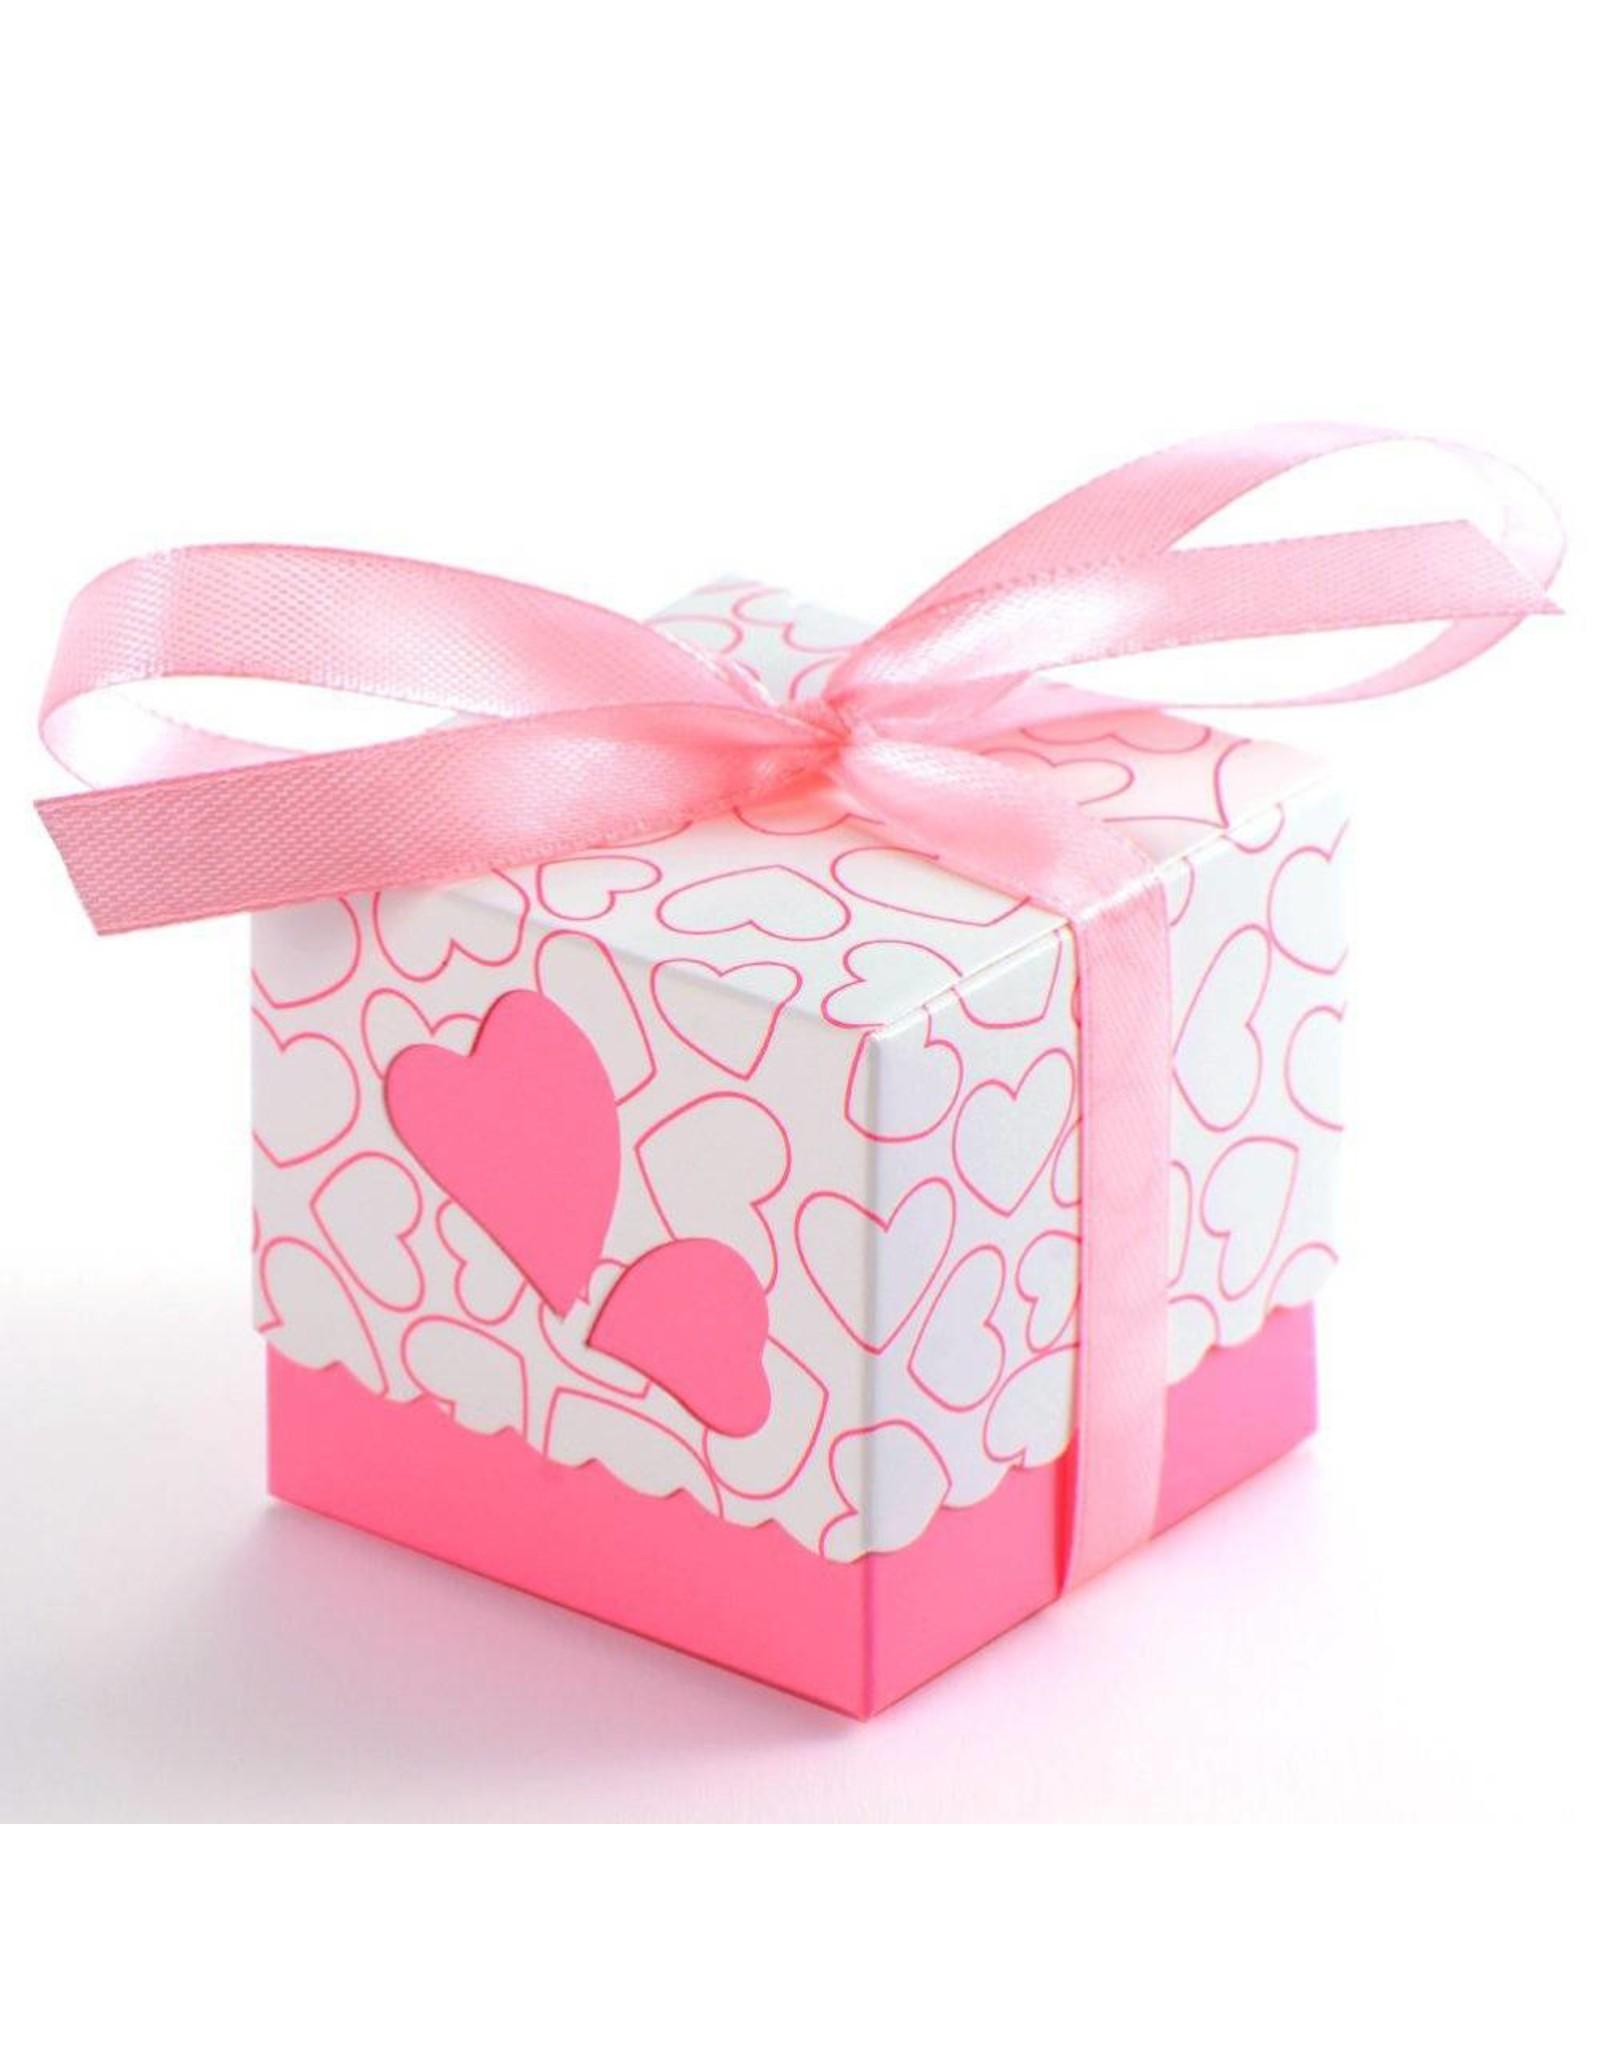 Doosjes voor bedankjes roze 25 stuks - Body & Soap